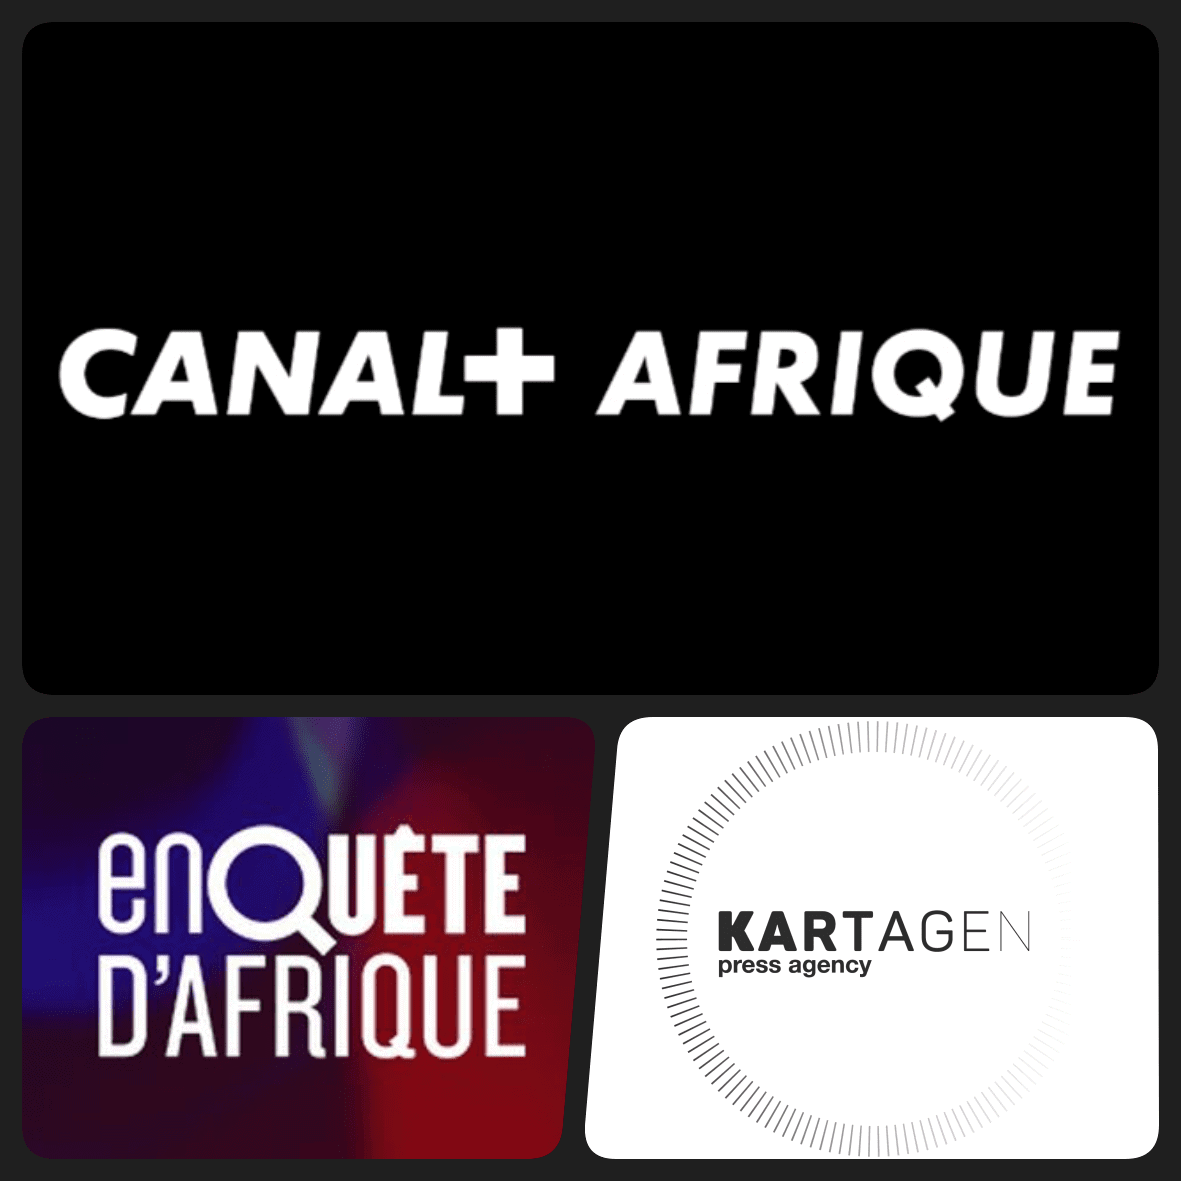 Yopi Sound réalise des mixages pour Canal+ Afrique - Influenceuses Côte d'Ivoire